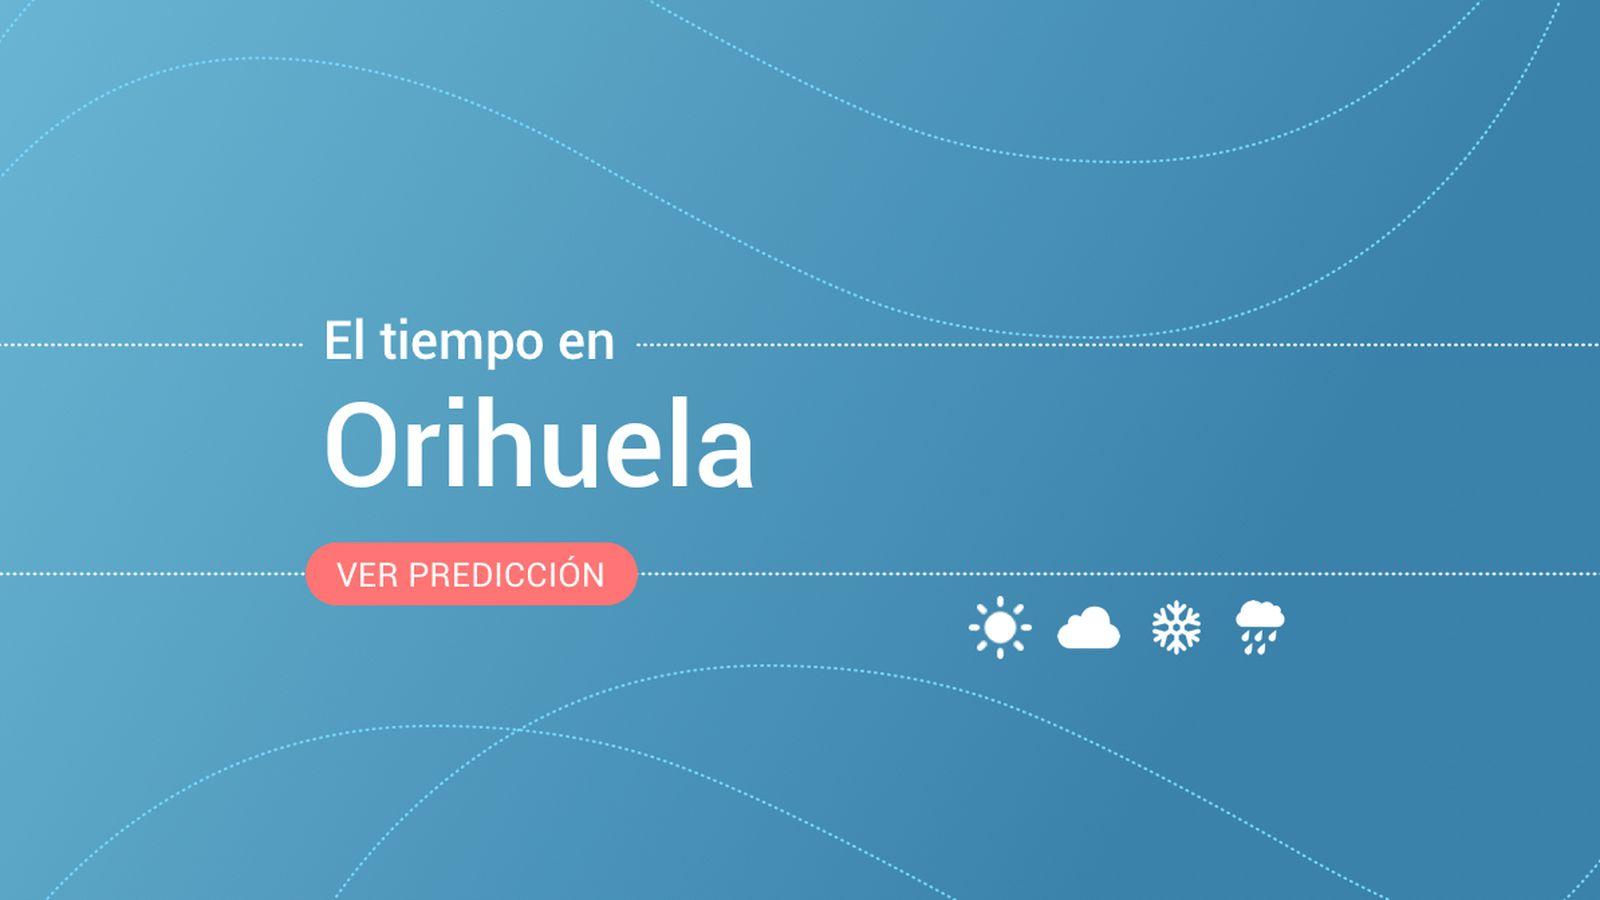 Foto: El tiempo en Orihuela. (EC)